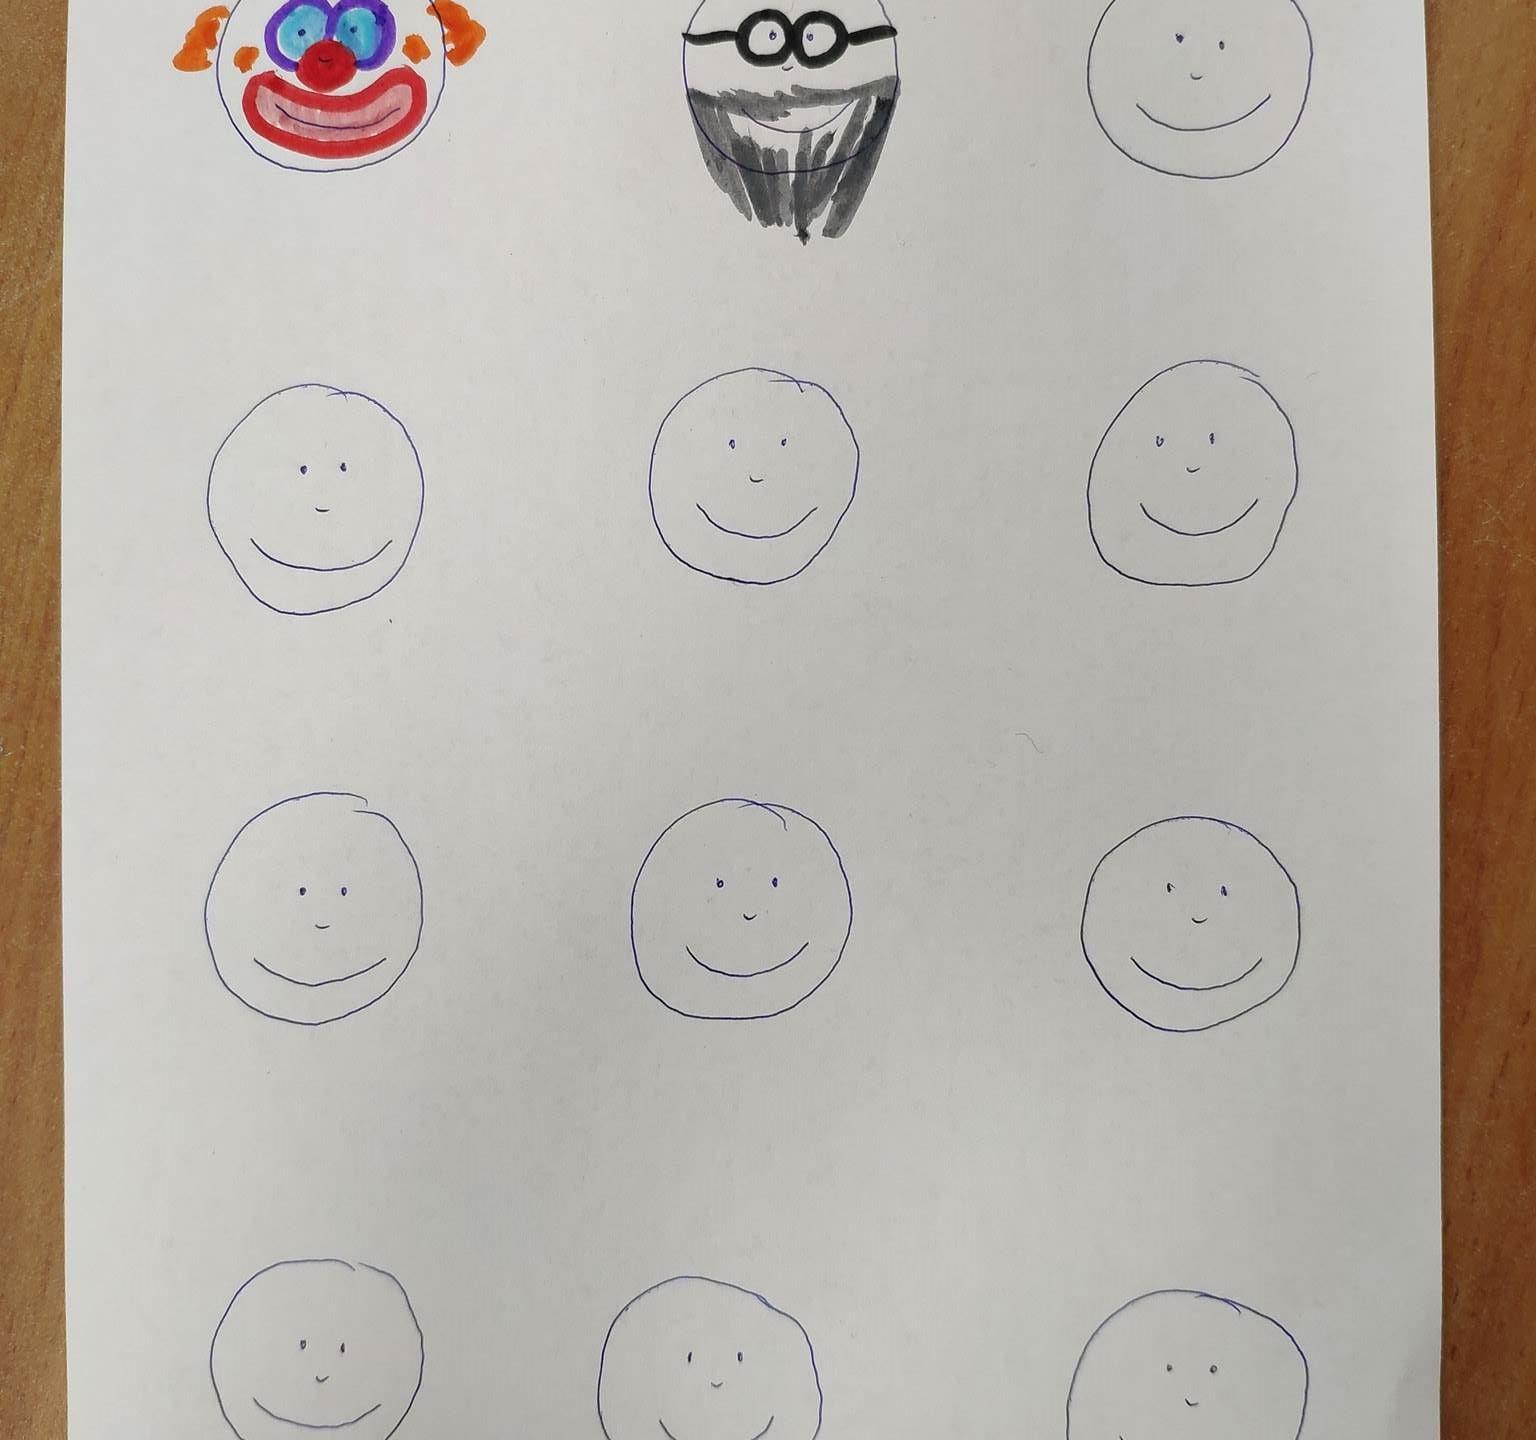 משחק גרפומוטורי לכבוד פורים. פרצופים רגילים הופכים עם טושים וקצת דמיון... ליצורים אחרים